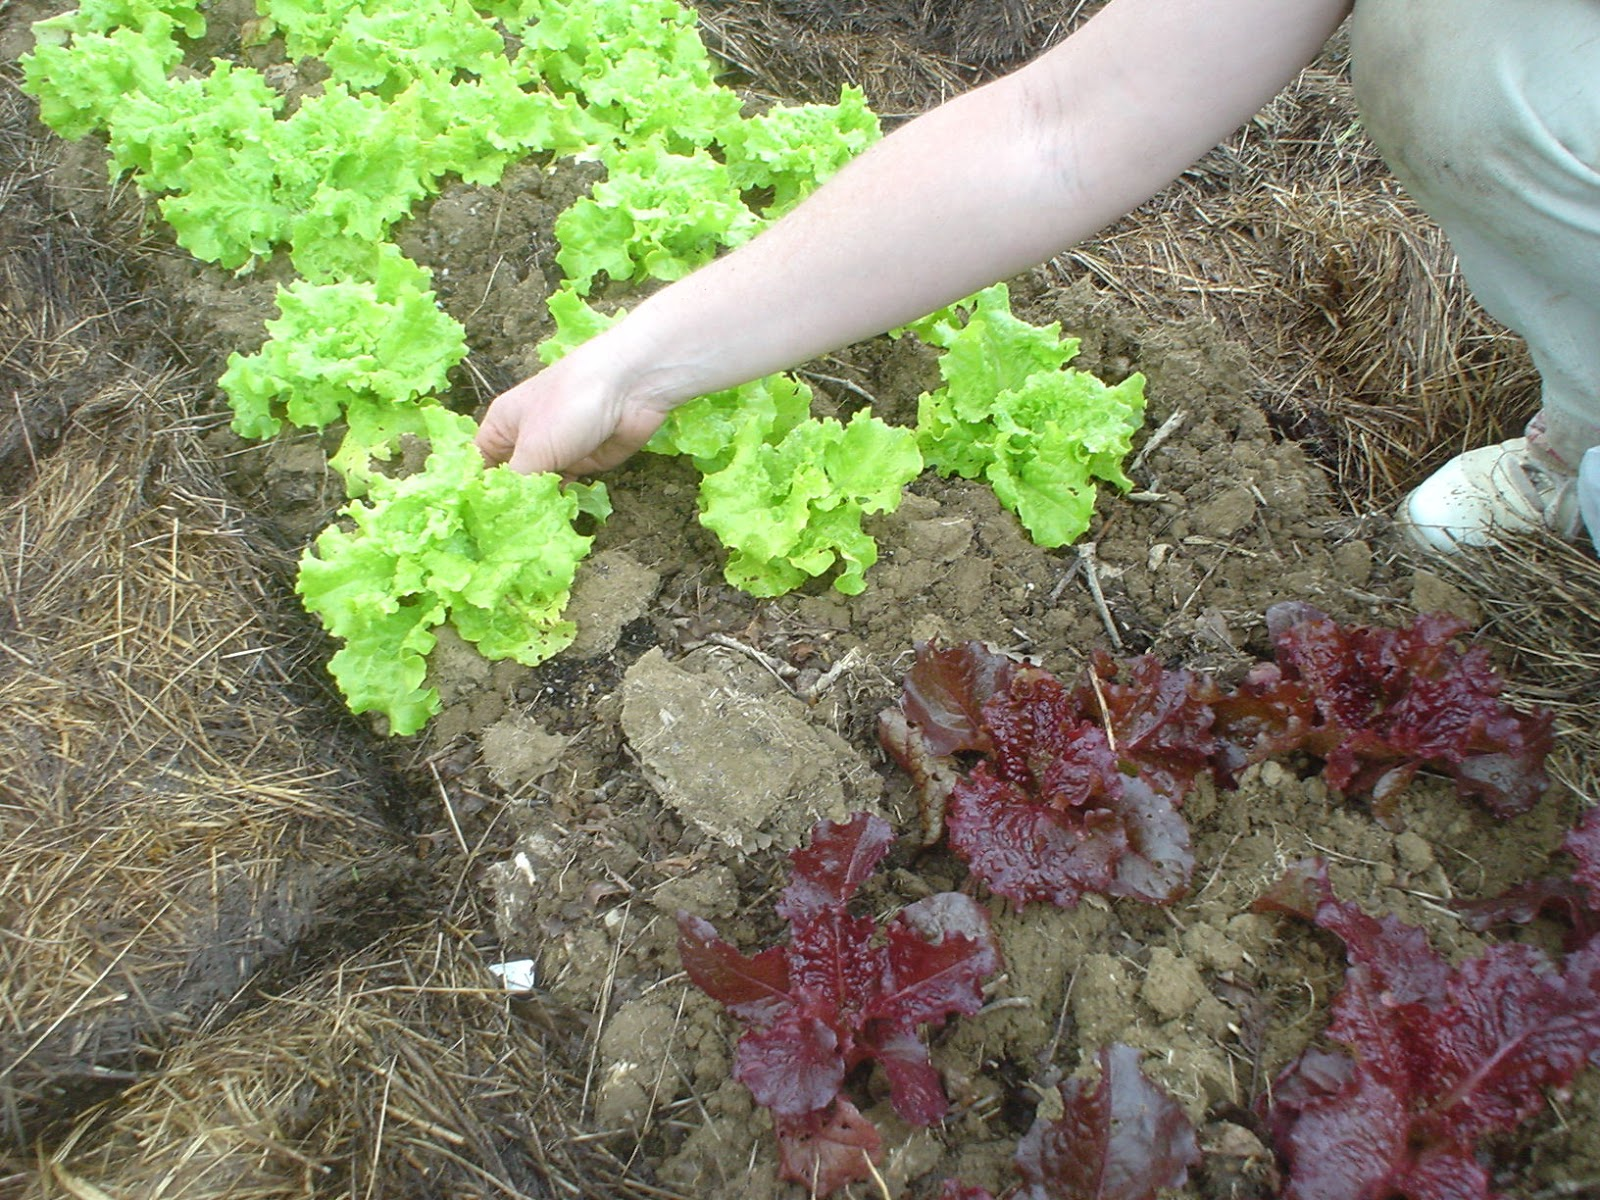 Tilling Leaves Garden Soil